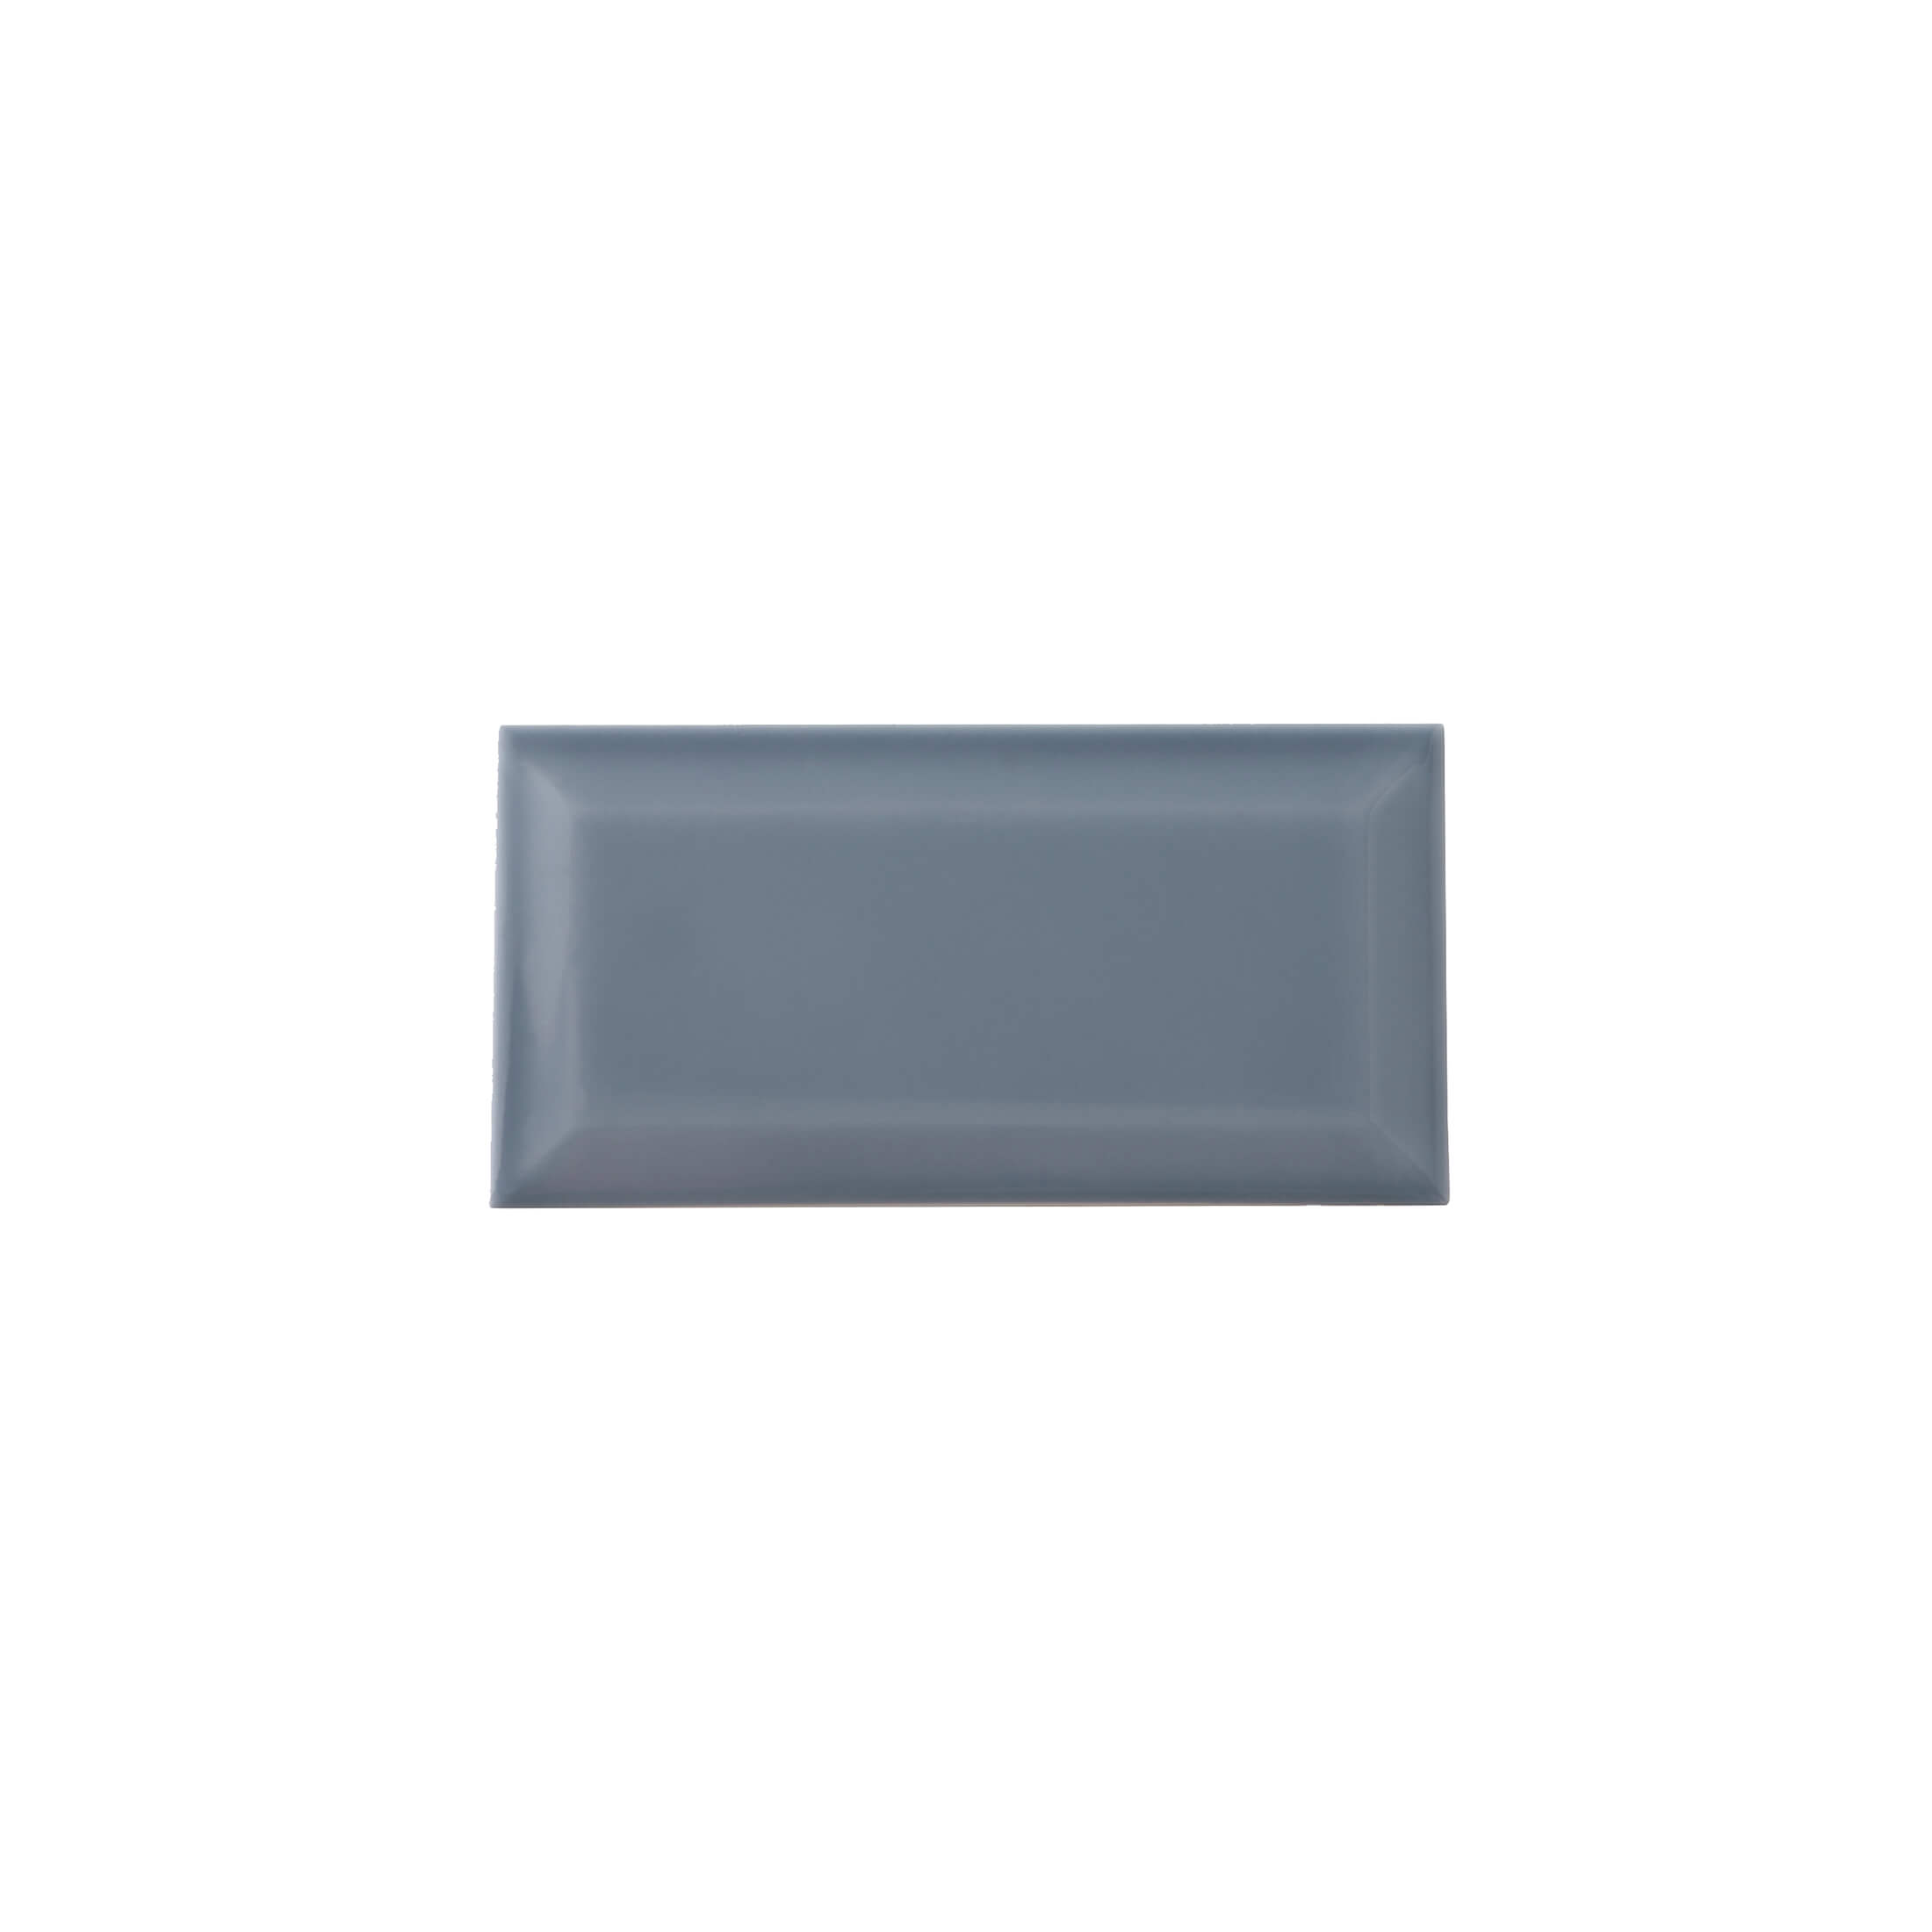 ADEX-ADNE2054-BISELADO-PB  -7.5 cm-15 cm-NERI>STORM BLUE